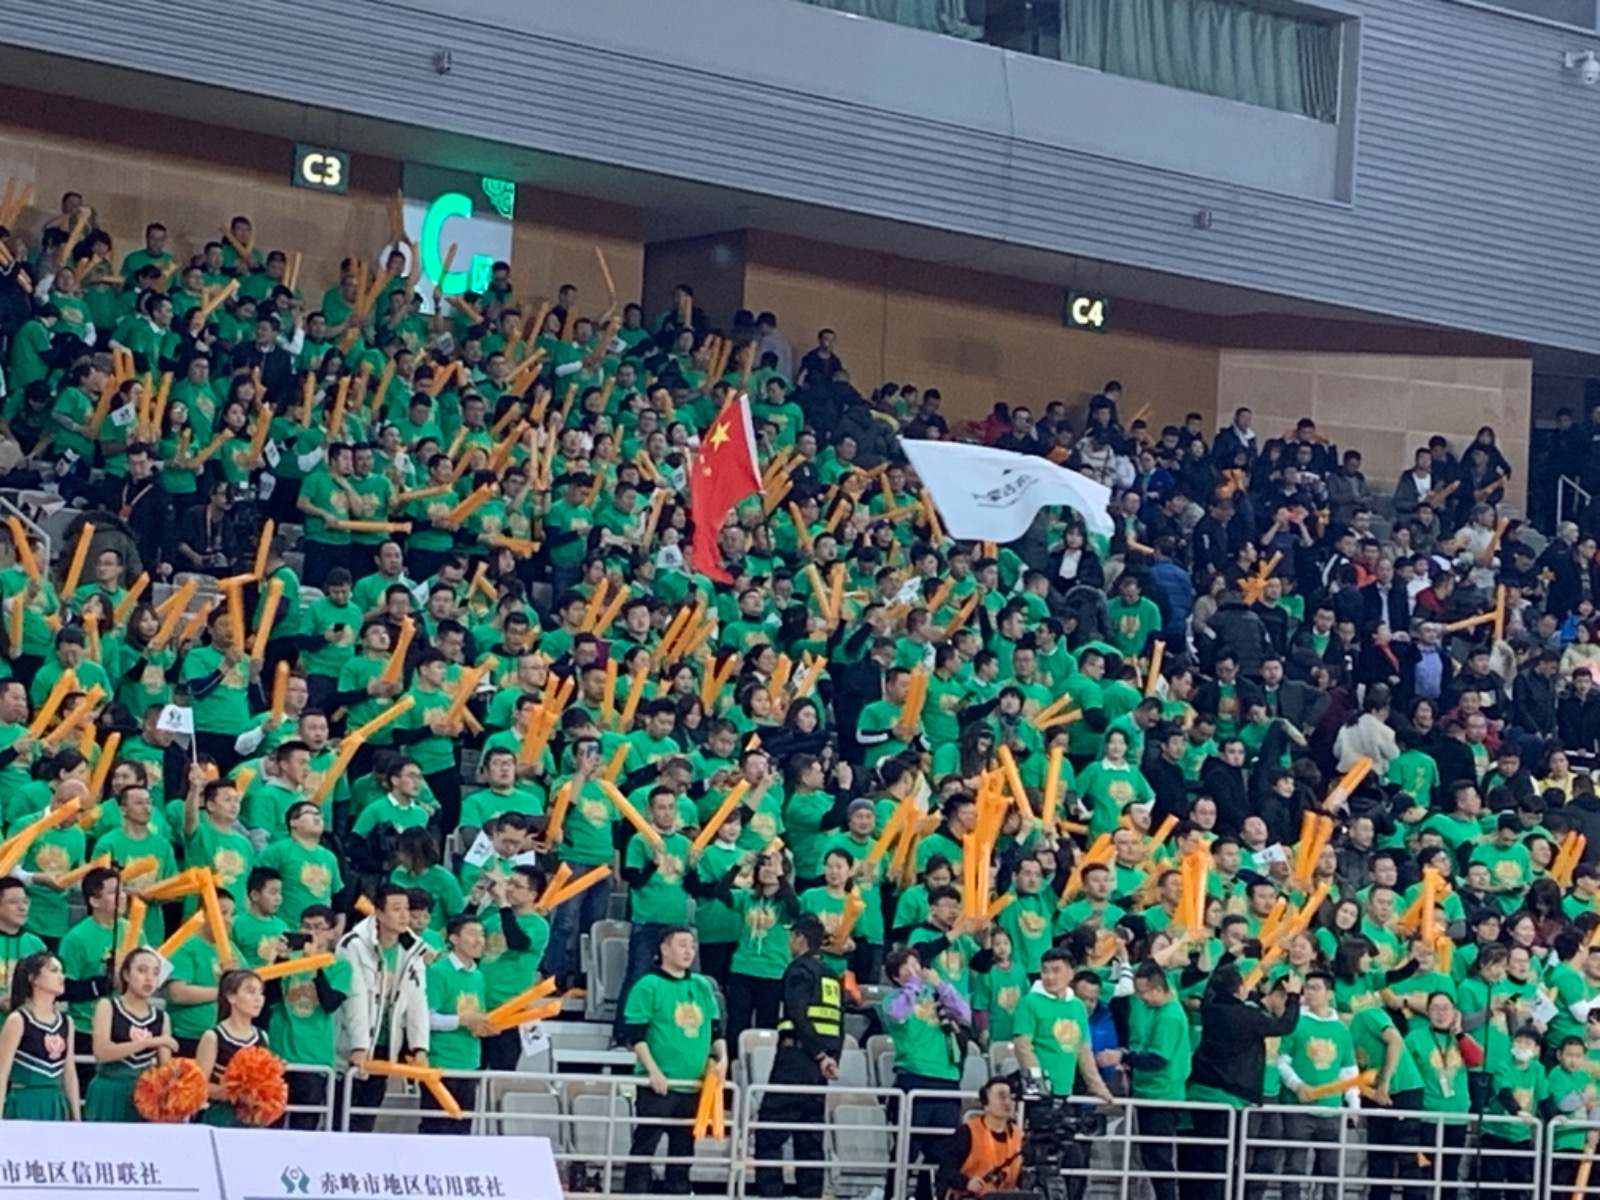 热点:WCBA联赛内蒙古职业篮球队迎来主场首胜